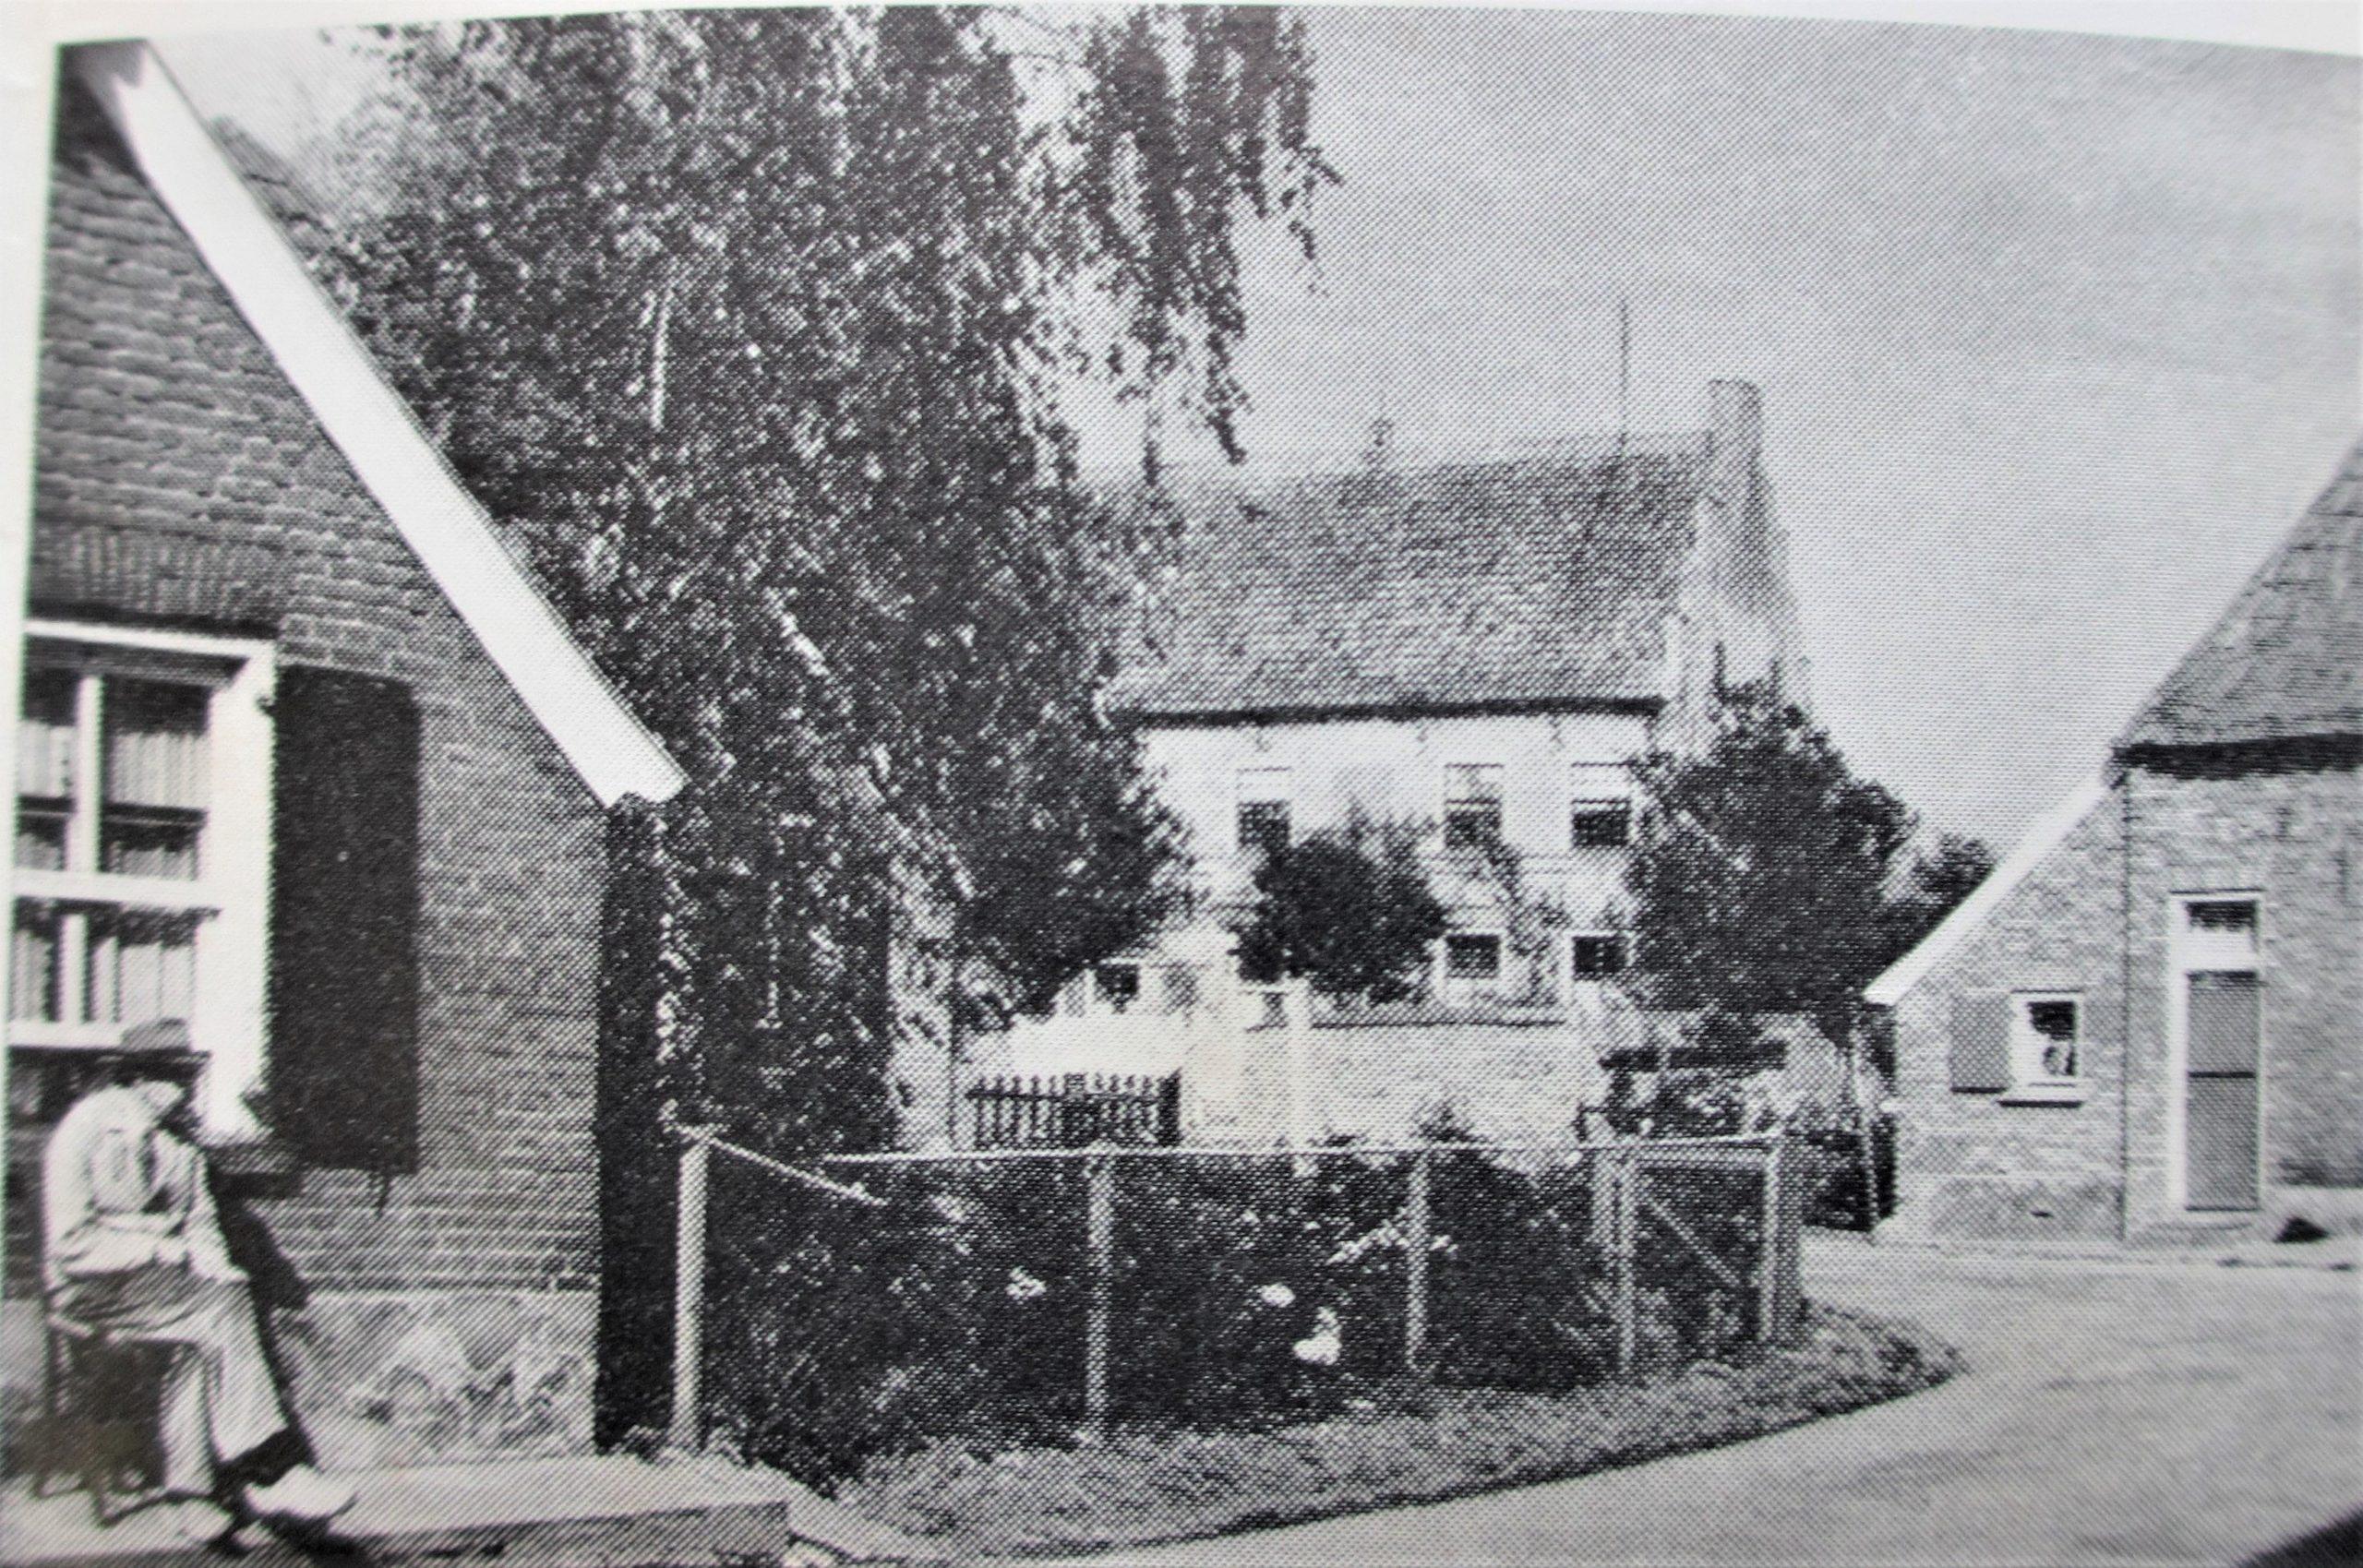 Bronkhorst Bovenstraat 1 Woonhuis met schuur